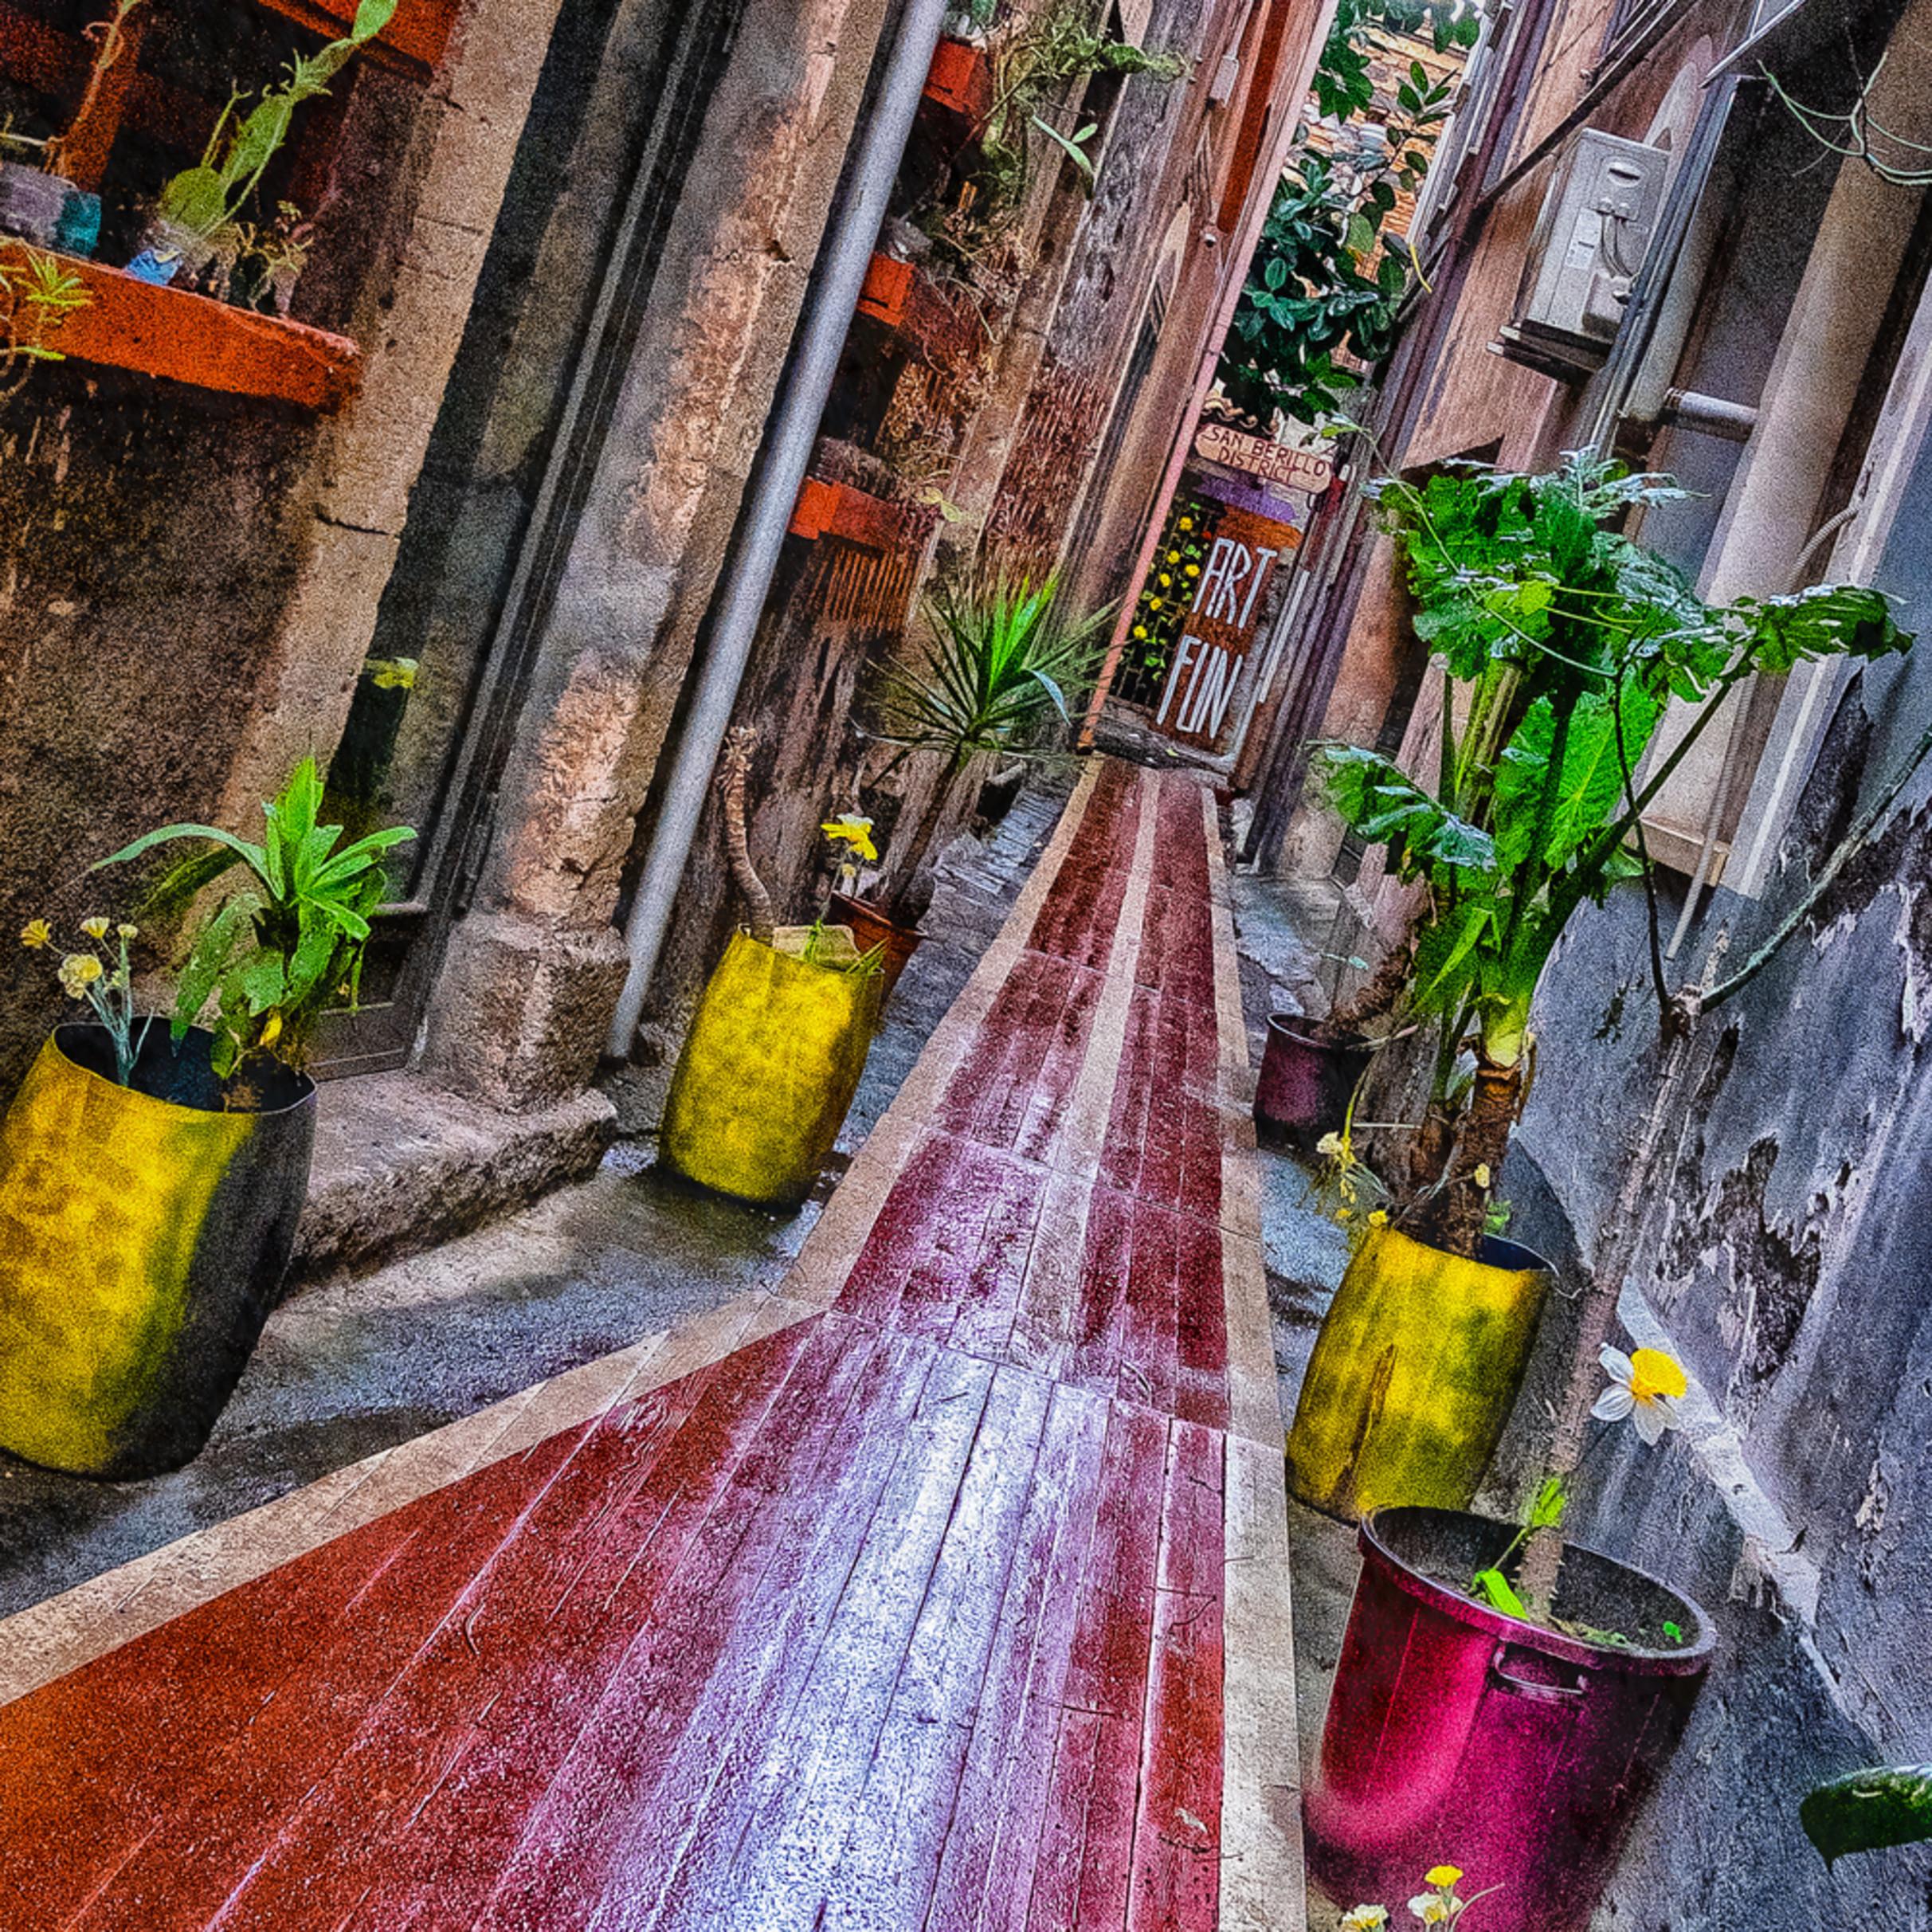 Catania alley 2 t5k3vs